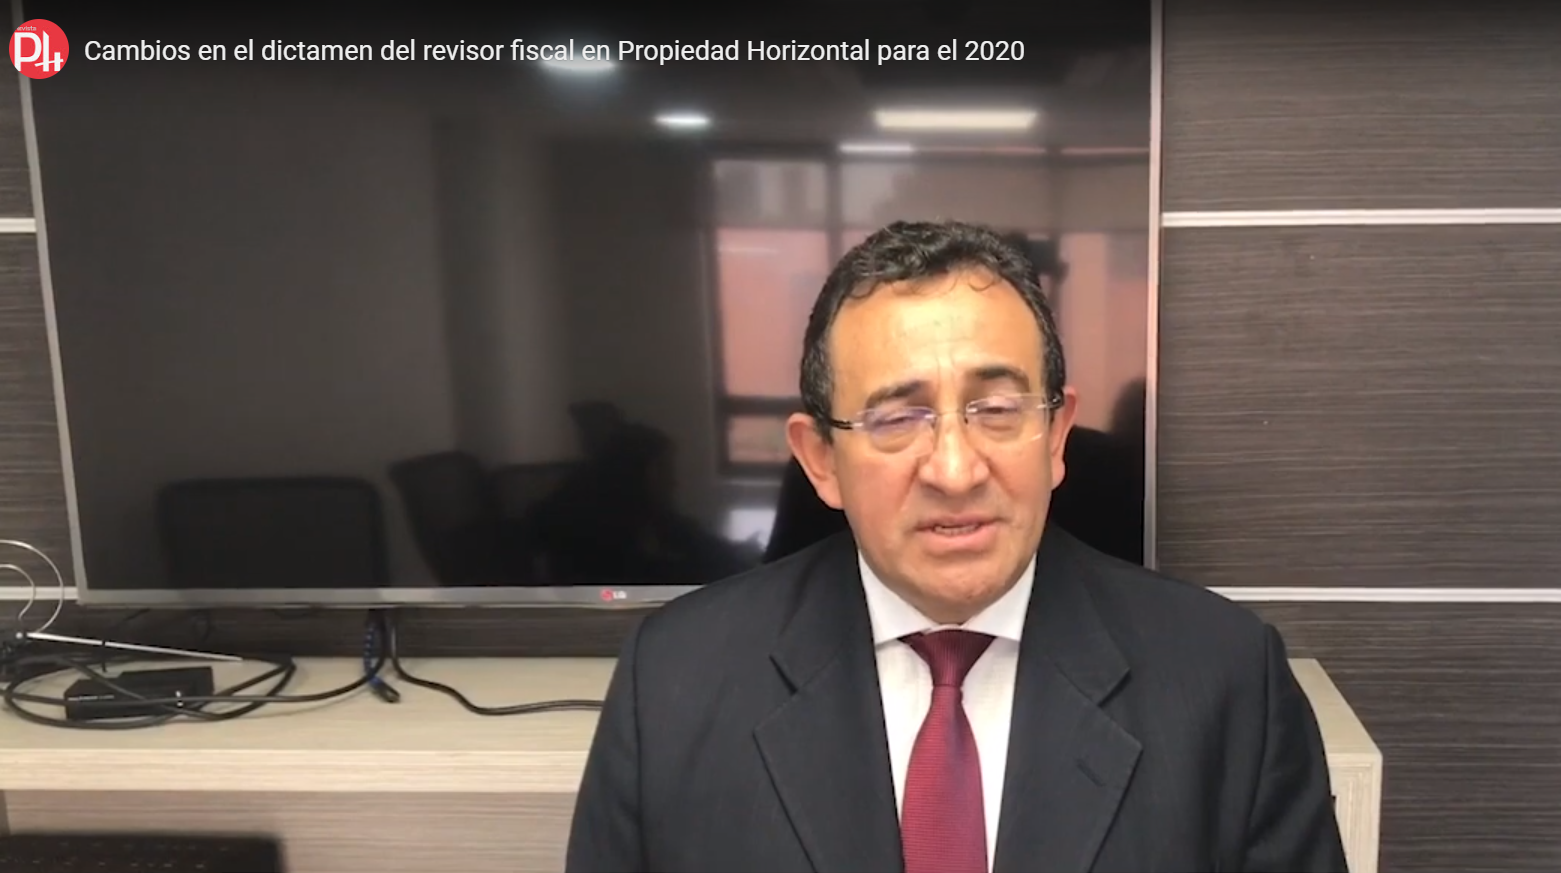 Noticias Vive PH Propiedad Horizontal